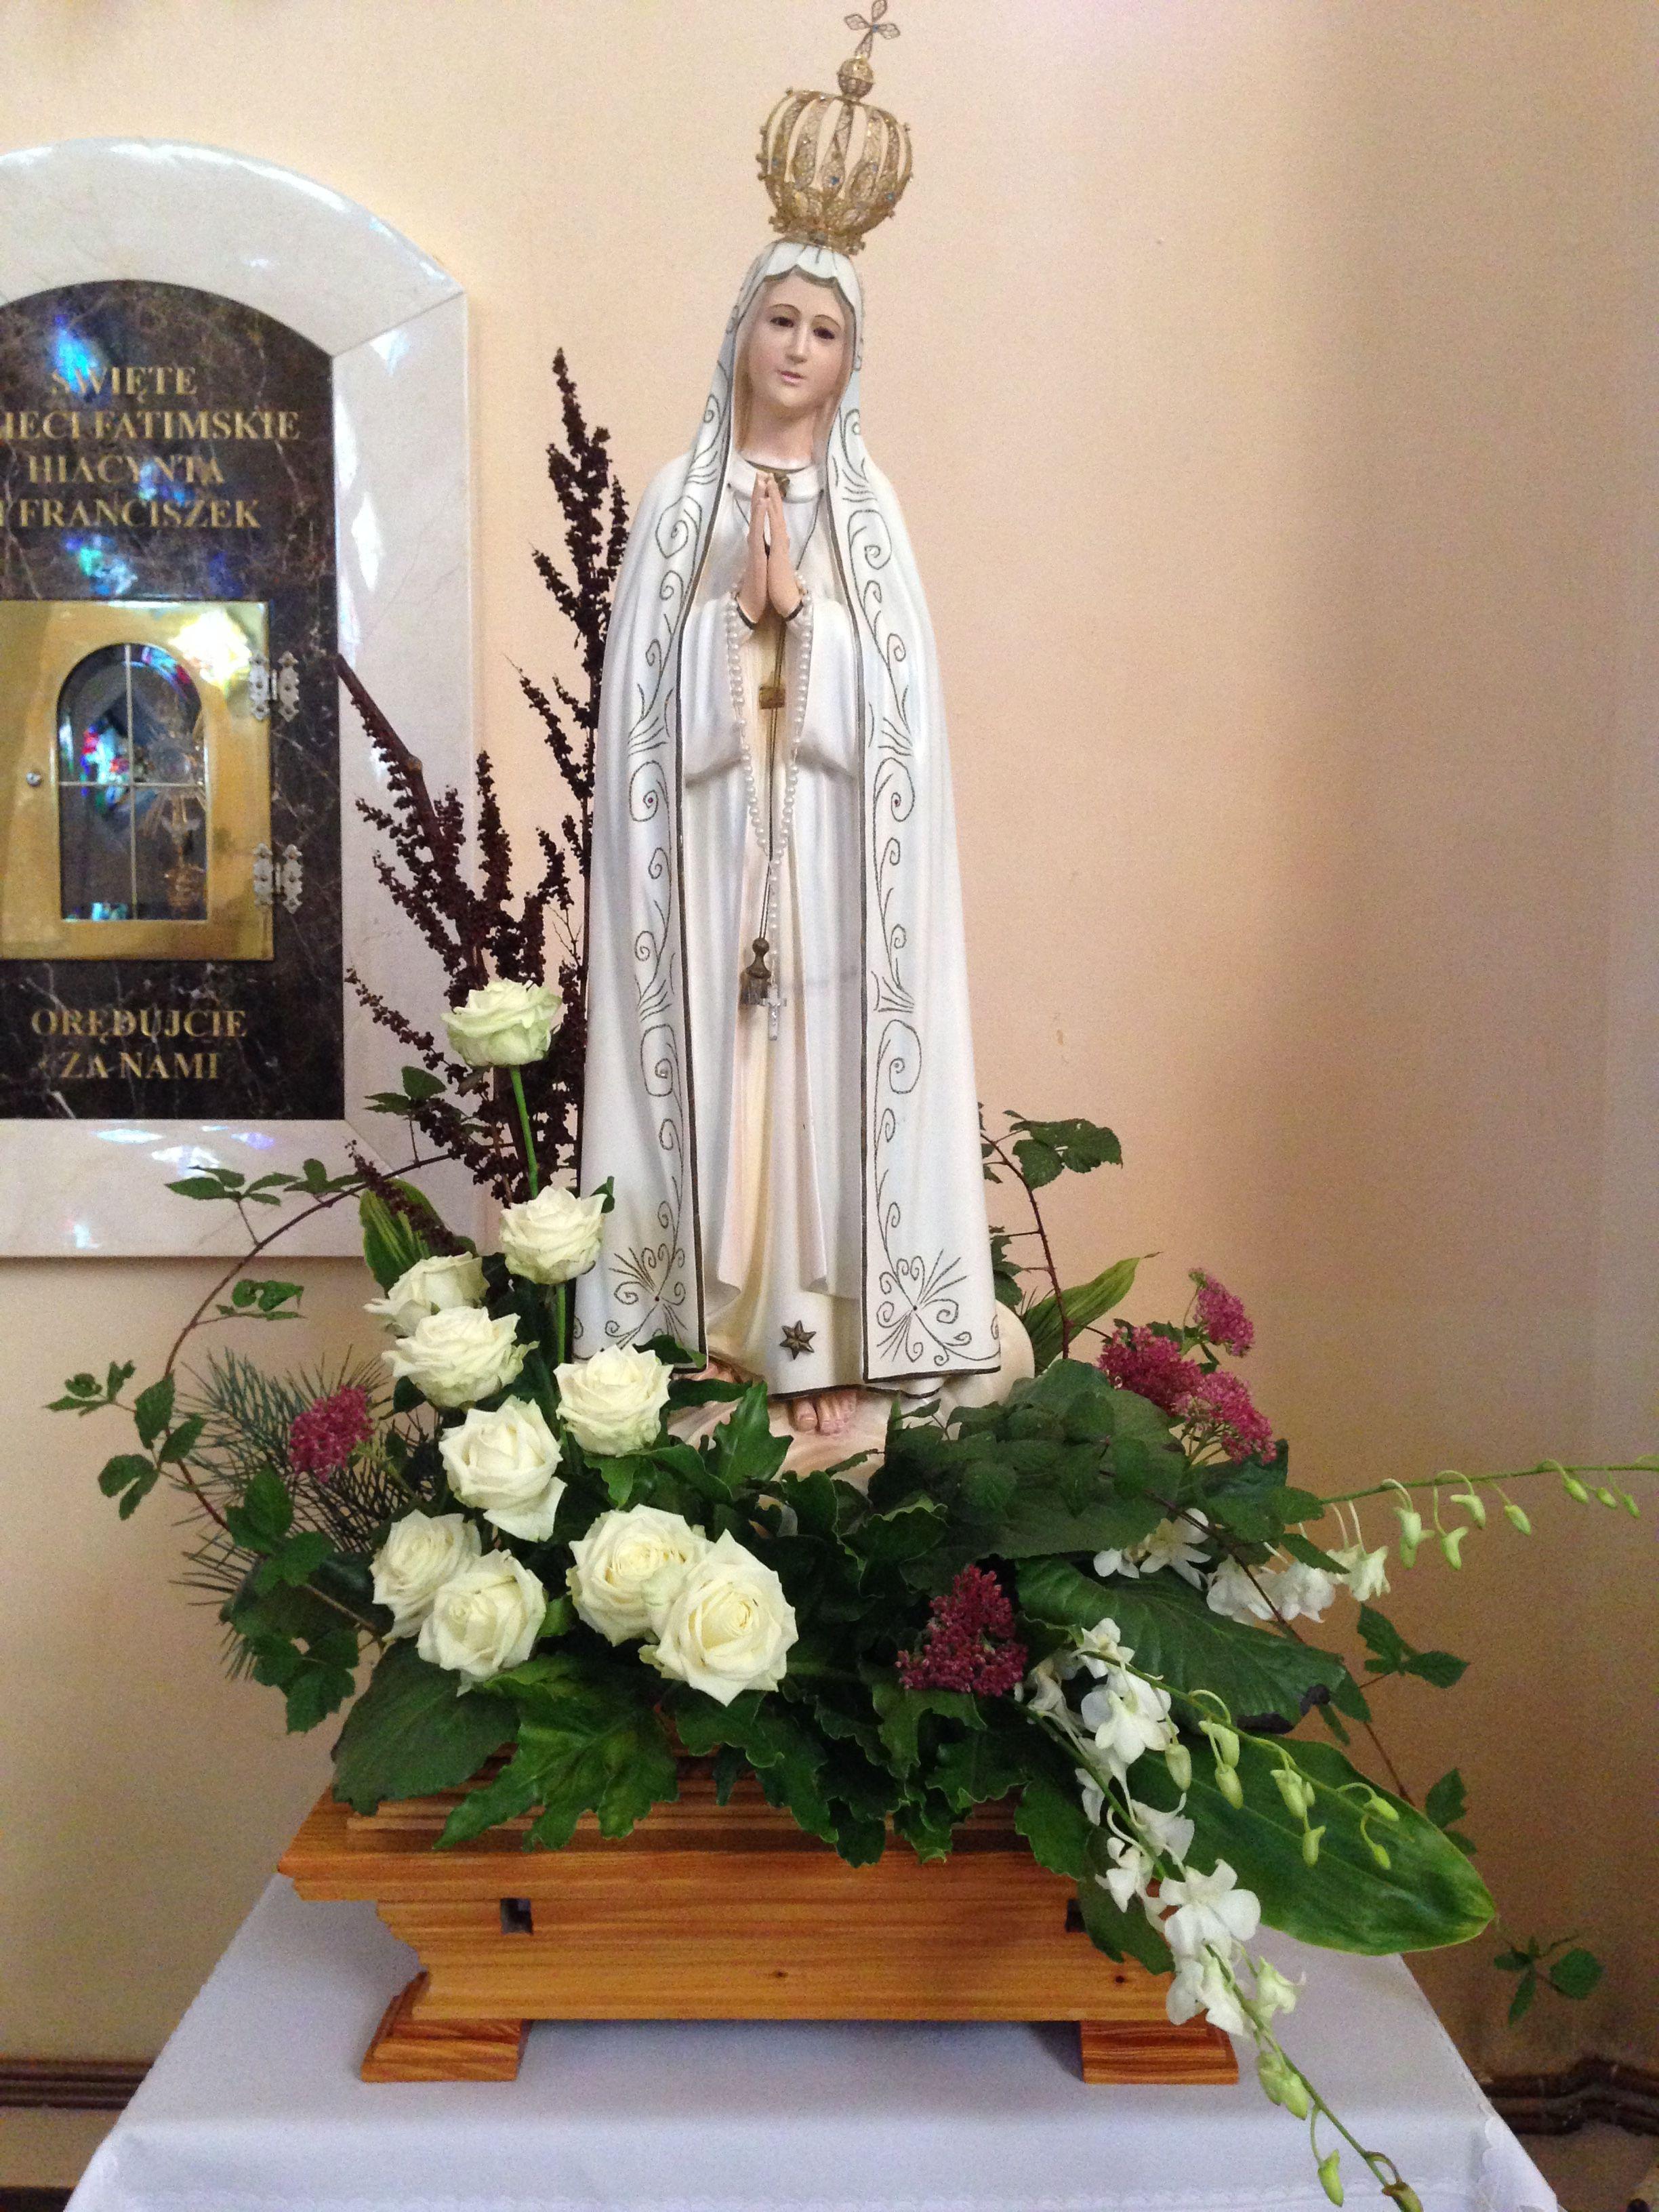 Arreglo Floral Para La Virgen Com Imagens Arranjos De Flores